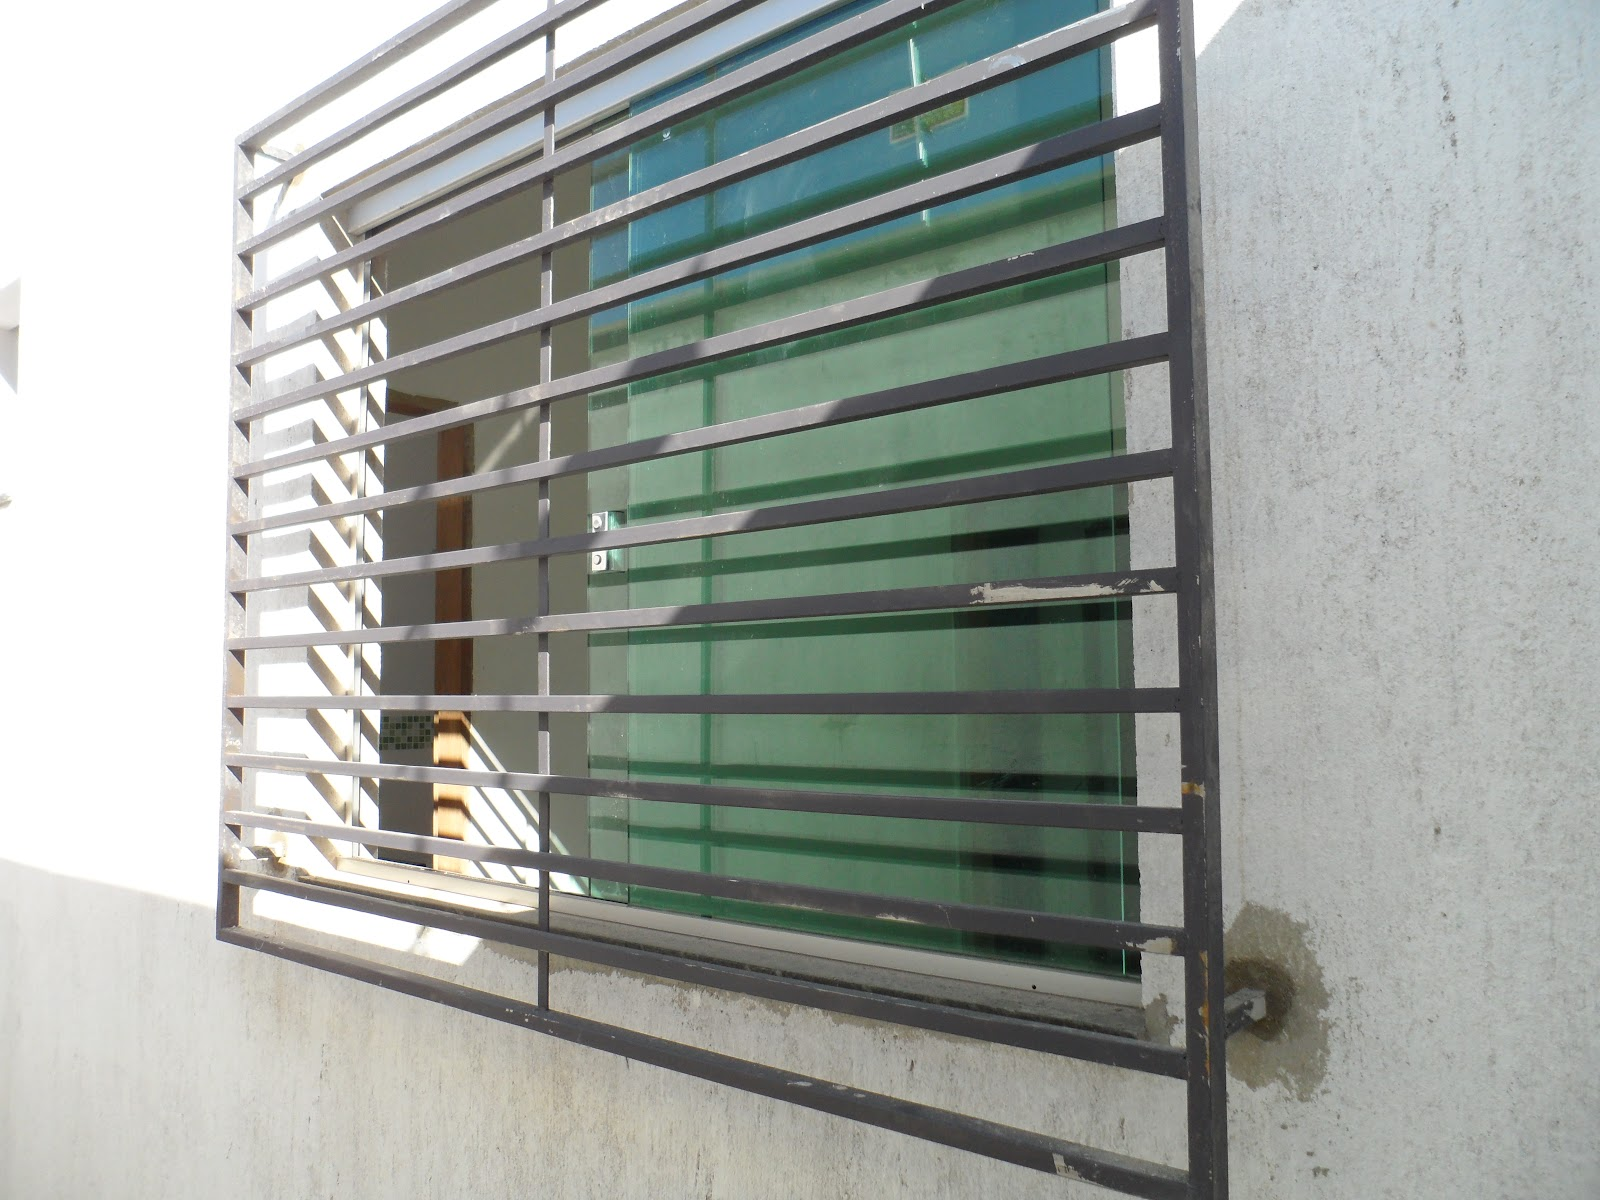 #4A7474 DIÁRIO DE CONSTRUÇÃO DE UMA CASA PEQUENA: REVISÃO DA SEMANA  4118 Grade Aluminio Para Janela